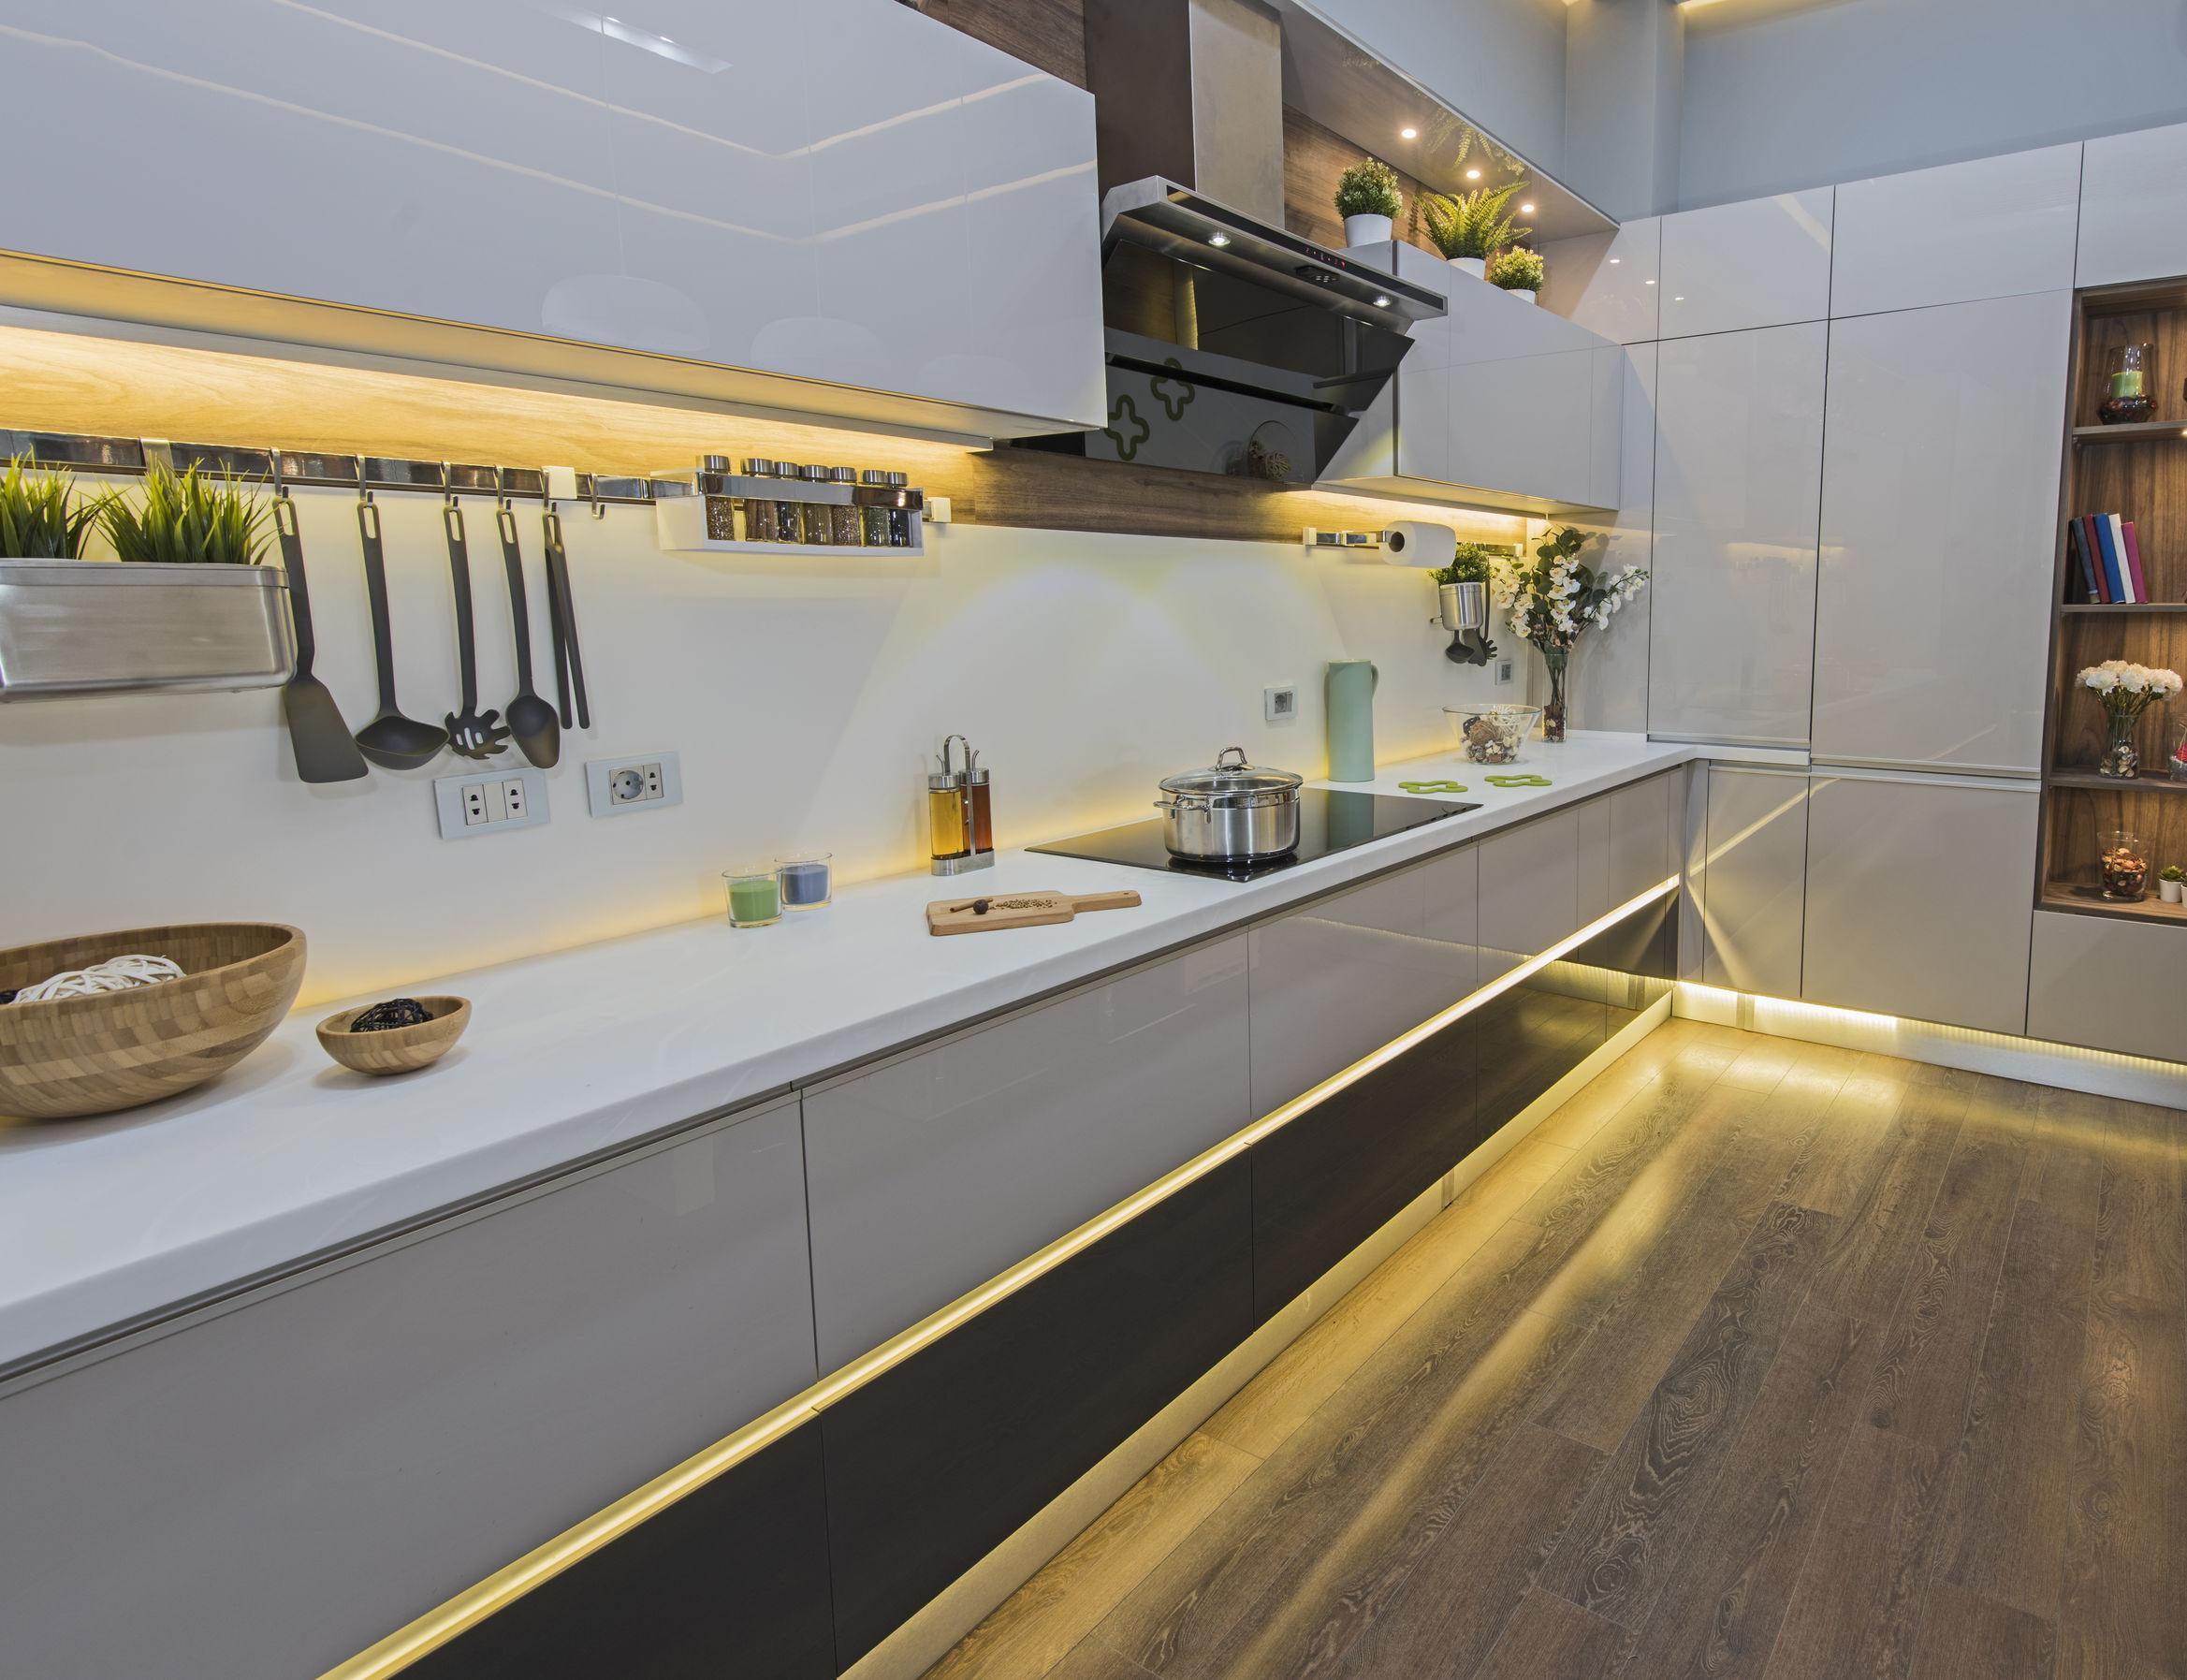 Imagem mostra uma cozinha decorada com fita de LED.